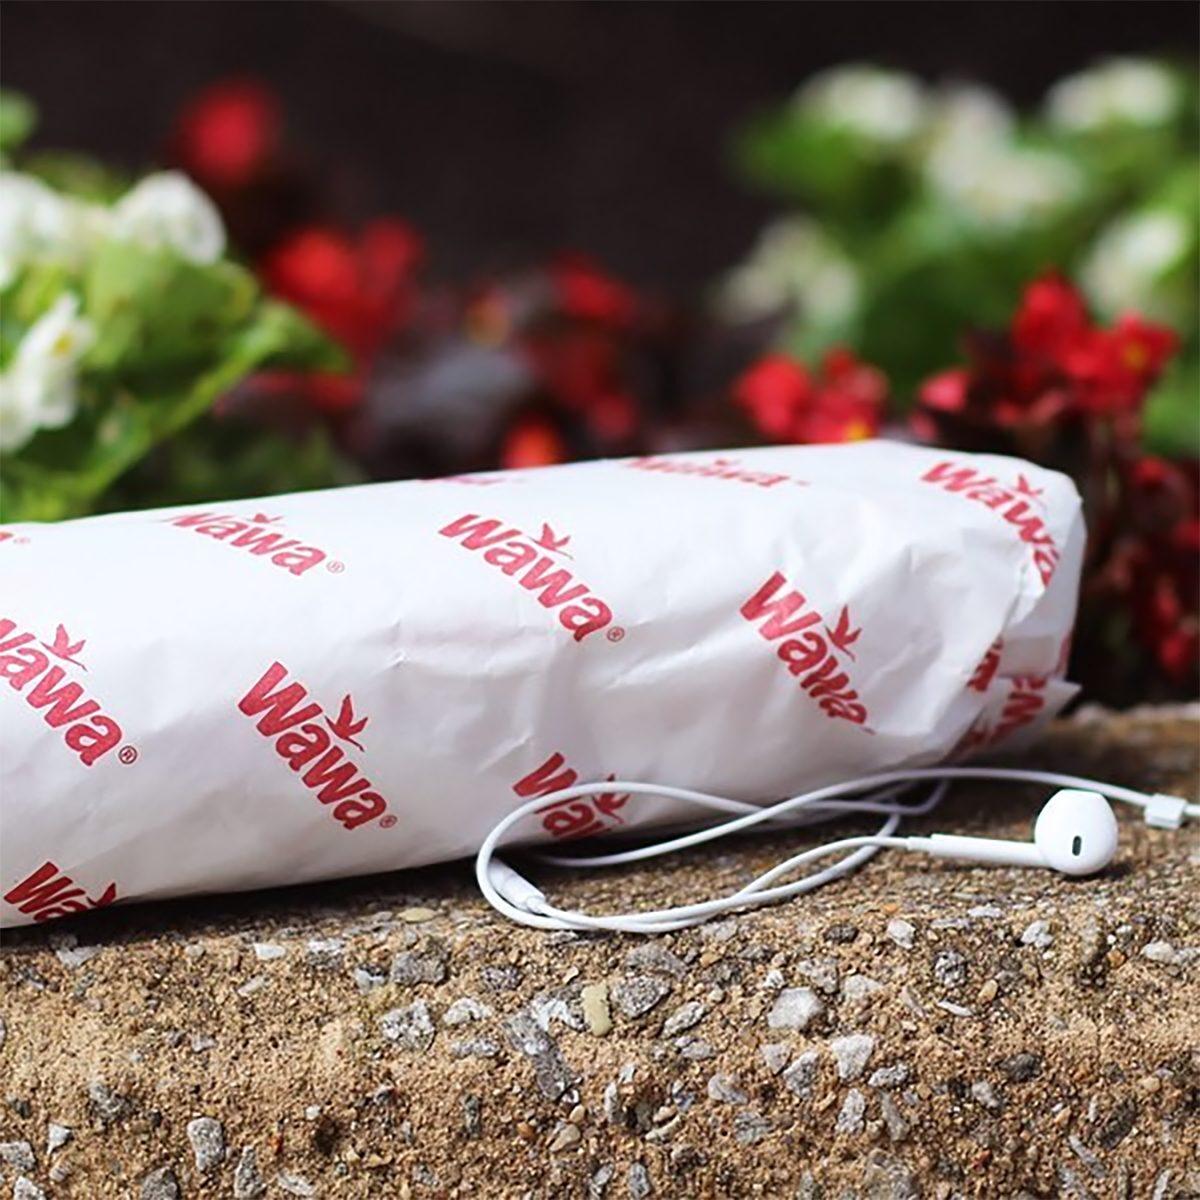 wawa sub sandwich